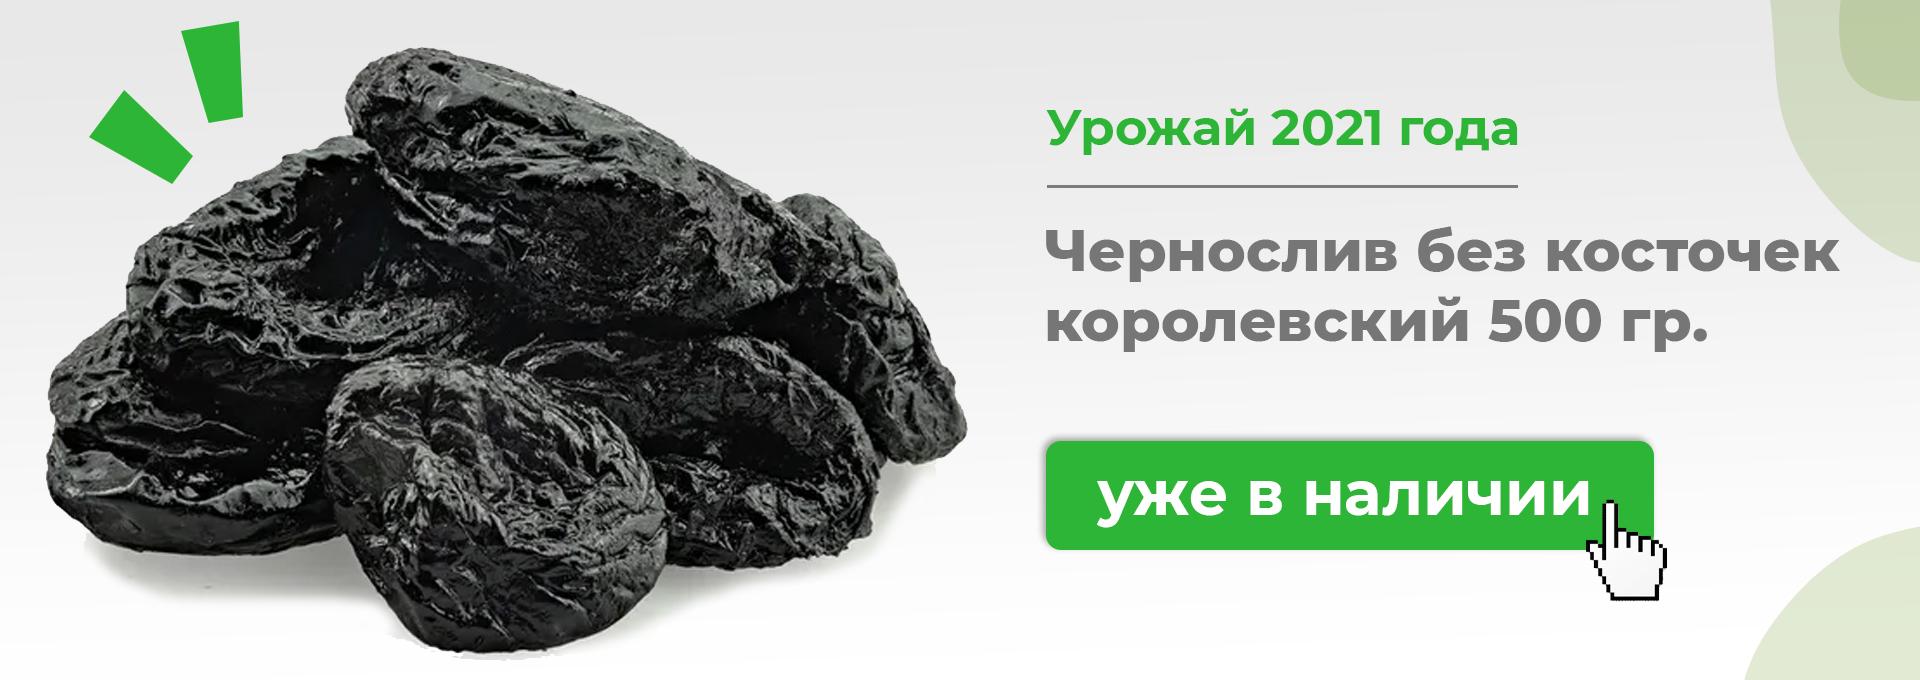 Чернослив без косточек королевский 500 гр 2021 год